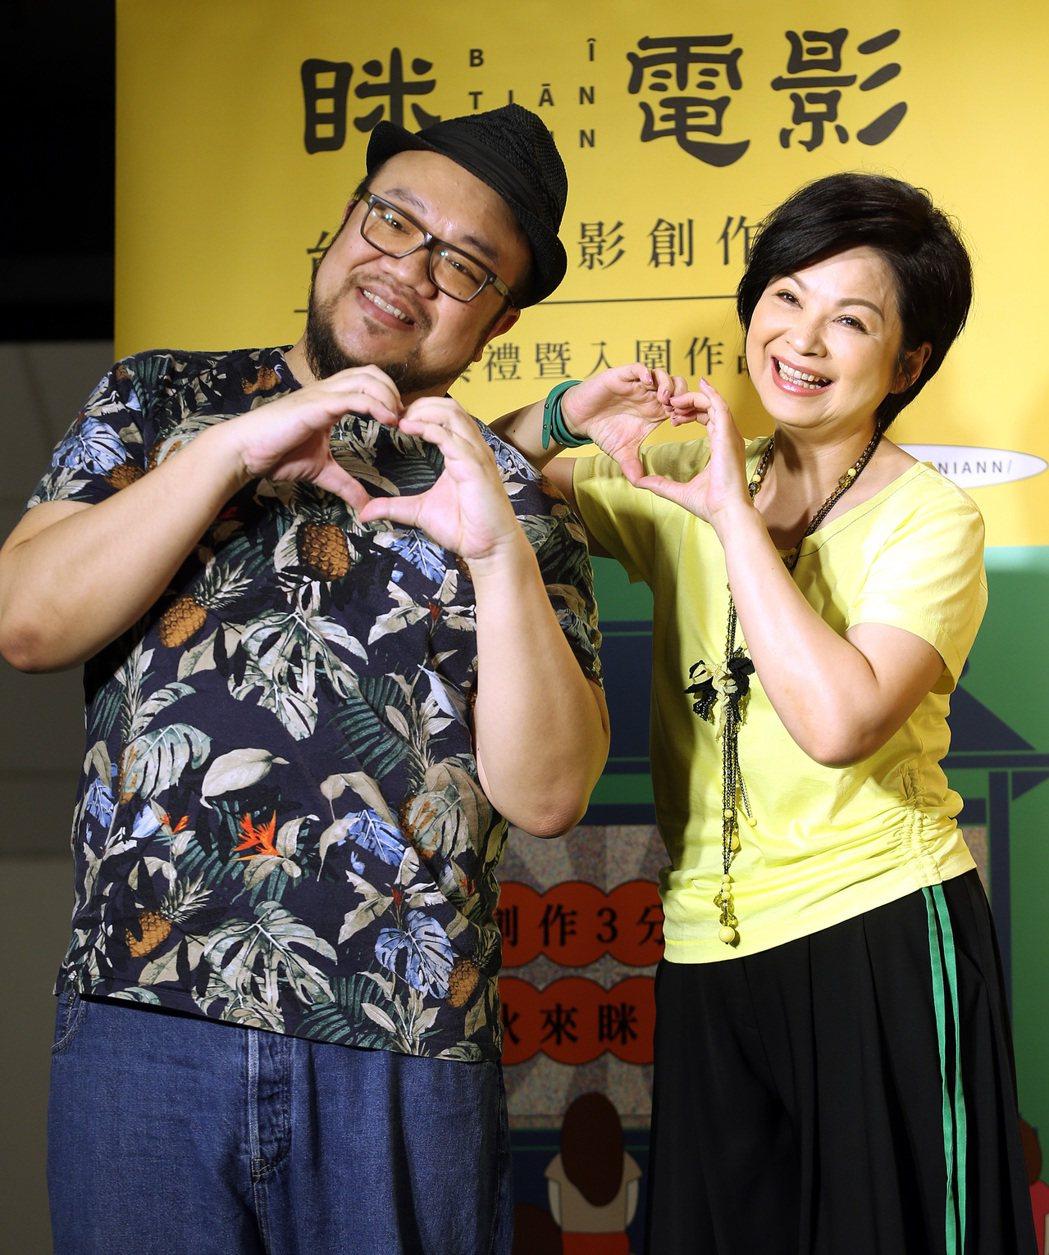 楊貴媚(左)、葉天倫(右)出席「眯電影:台語微電影創作徵選」頒獎典禮,暢談近況。...